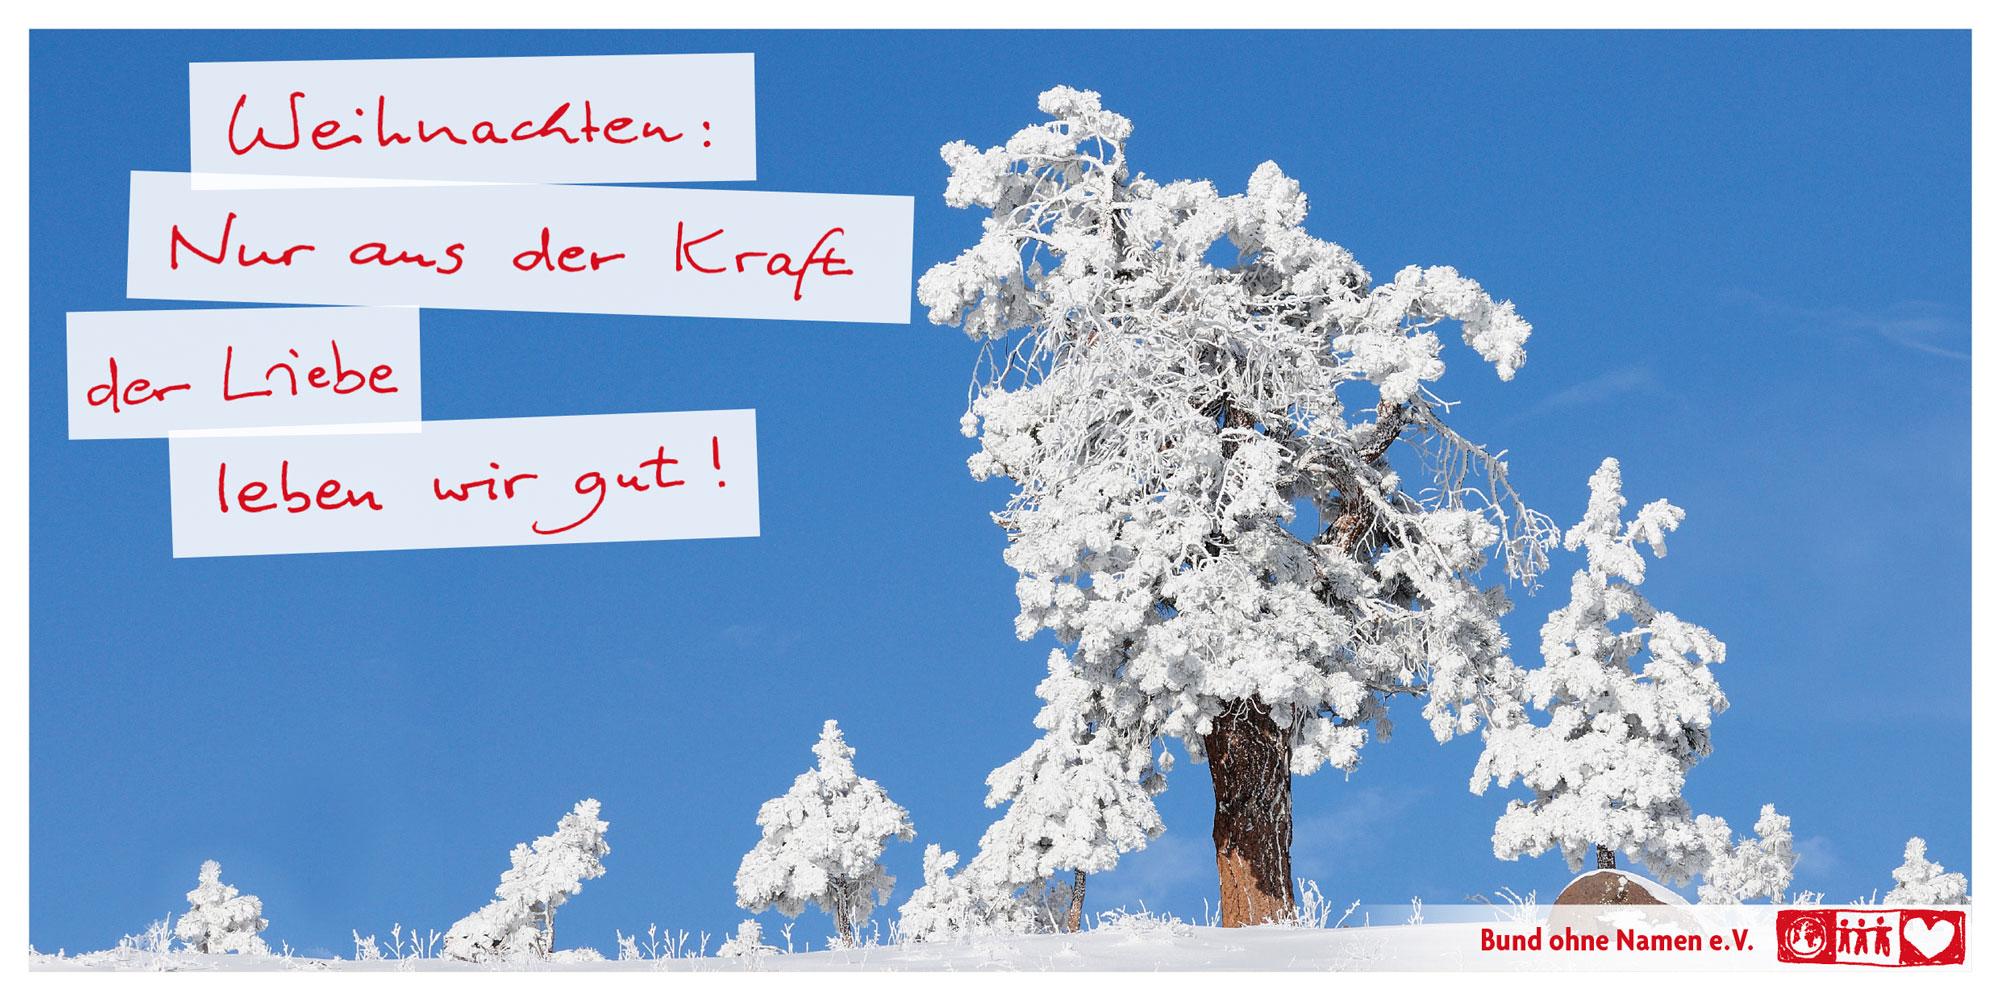 Weihnachten: Nur aus der Kraft der Liebe leben wir gut!